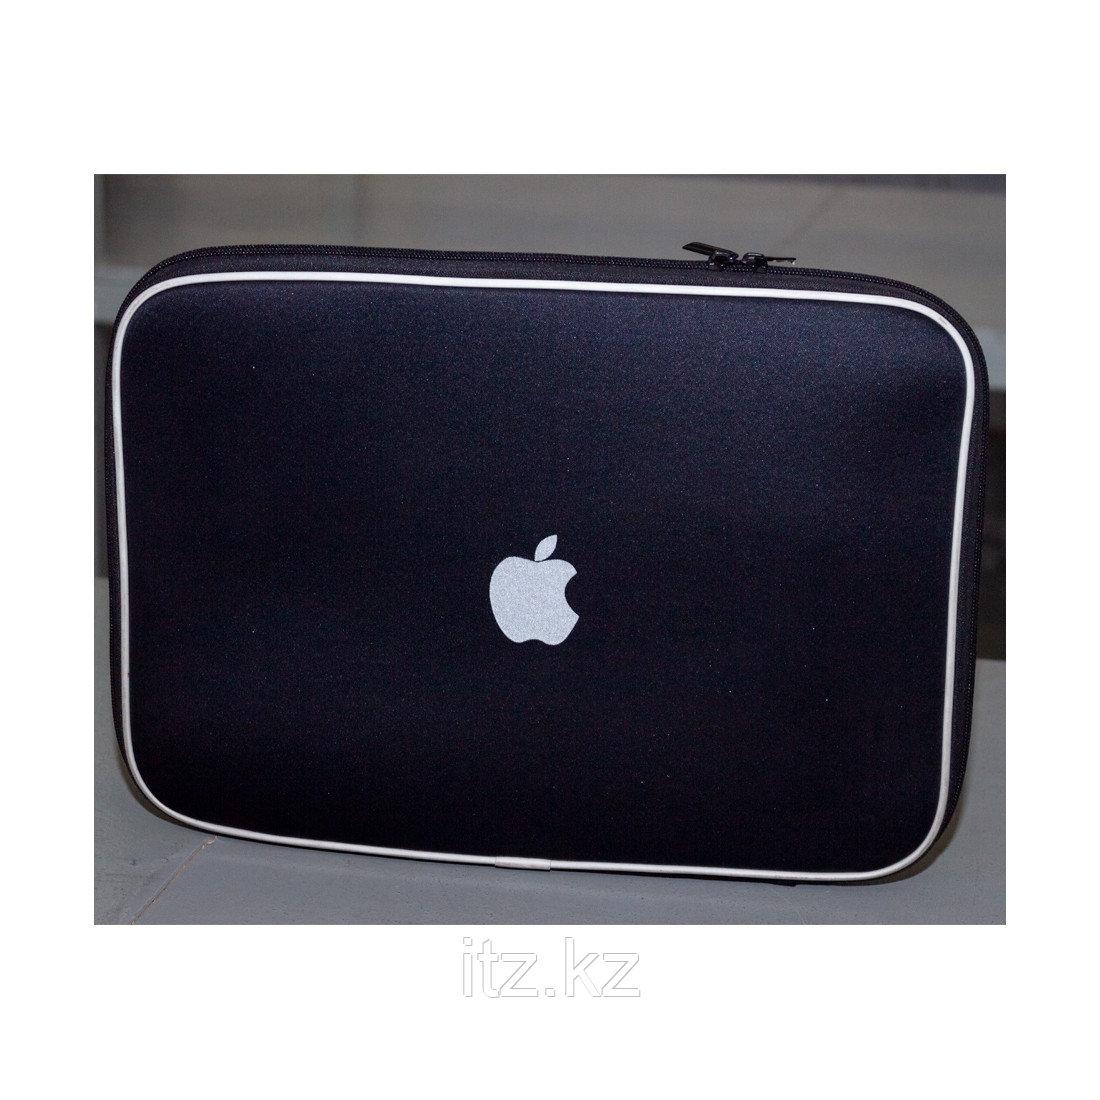 """Чехол для ноутбука, NUMANNI, 15"""", Чёрный с логотипом Apple"""